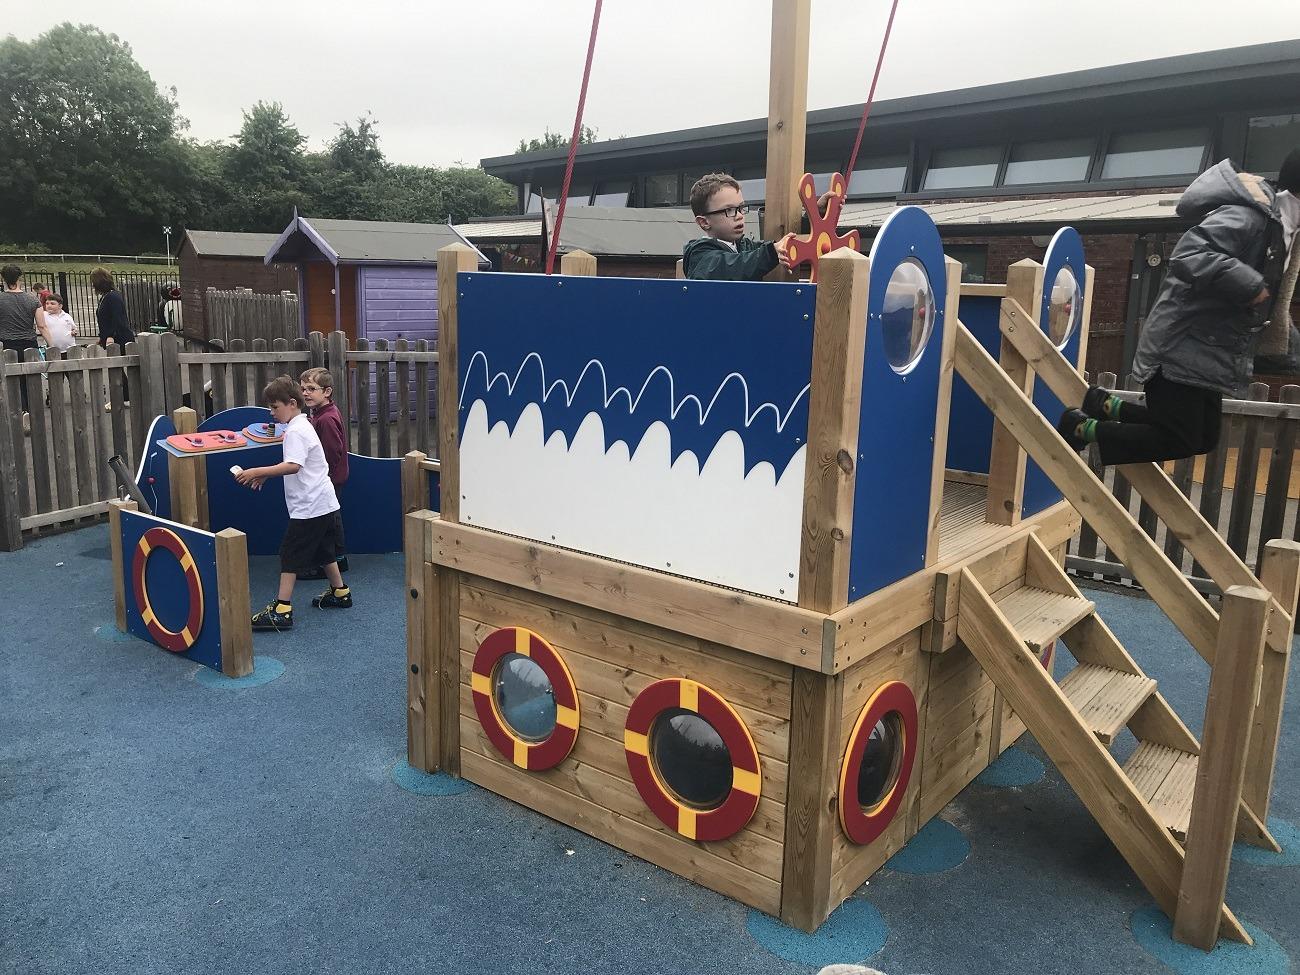 School Playground Equipment pirate ship